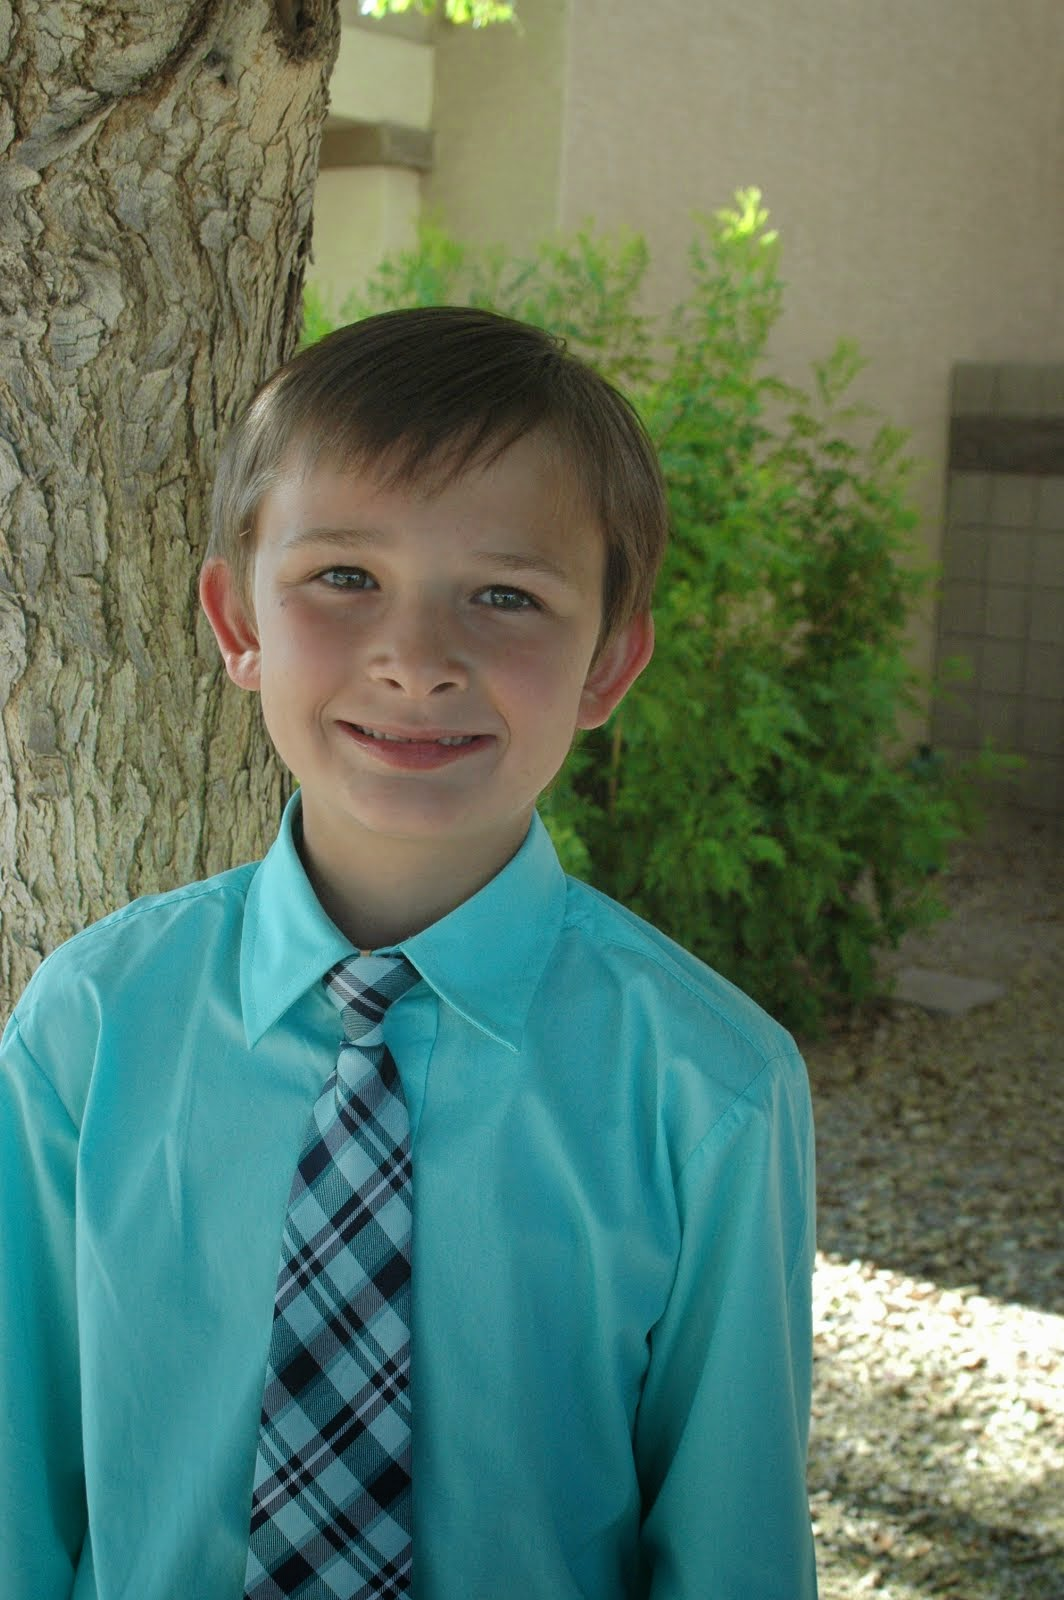 Blake, 9